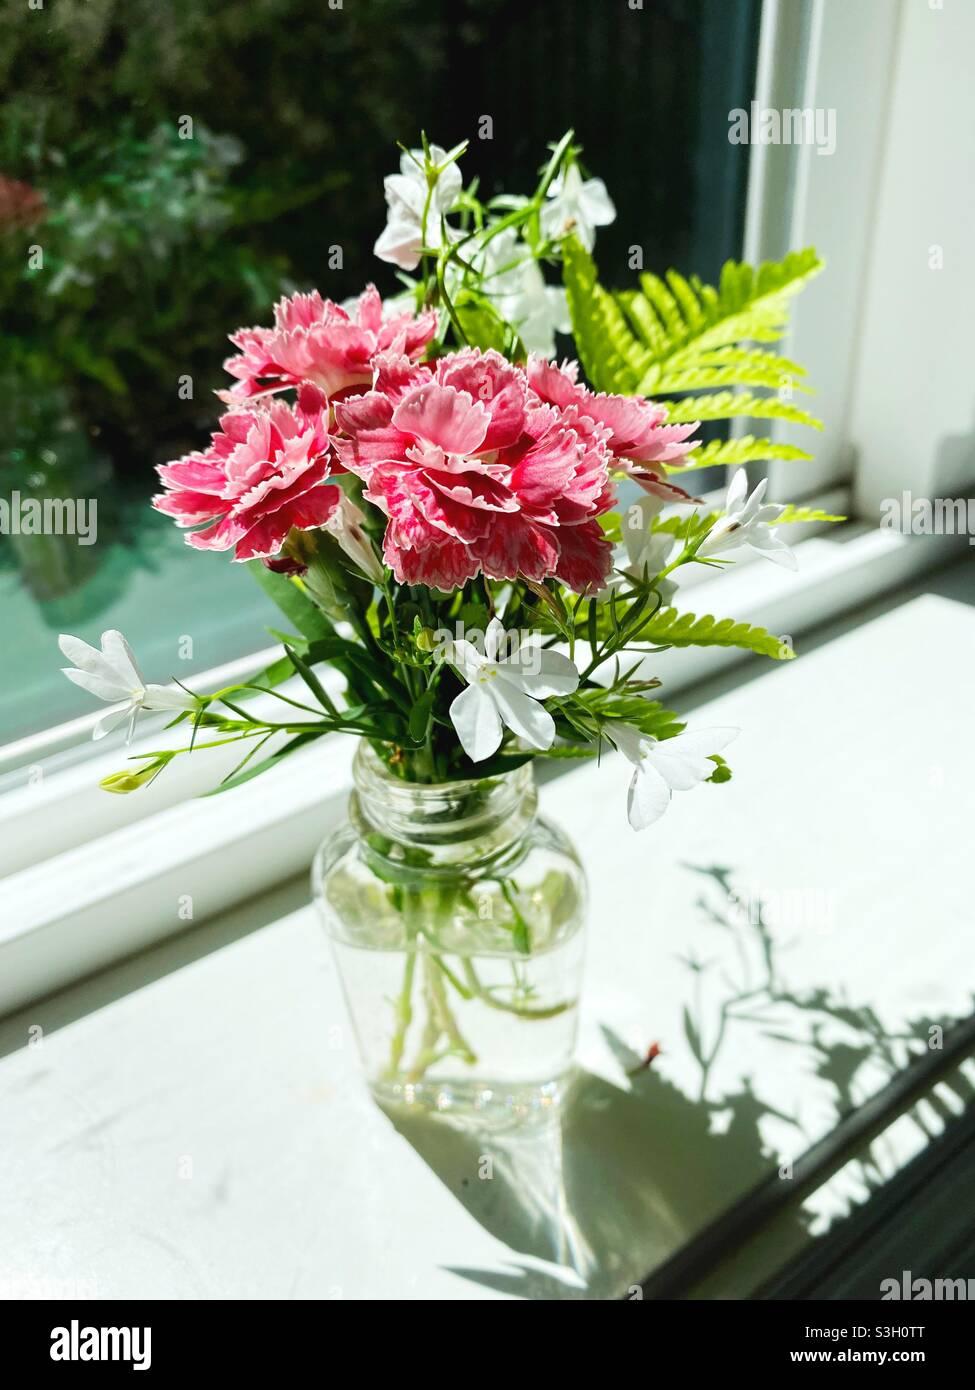 Ein kleines Glas mit einer hübschen Blumenarrangements auf einer Fensterbank. Stockfoto